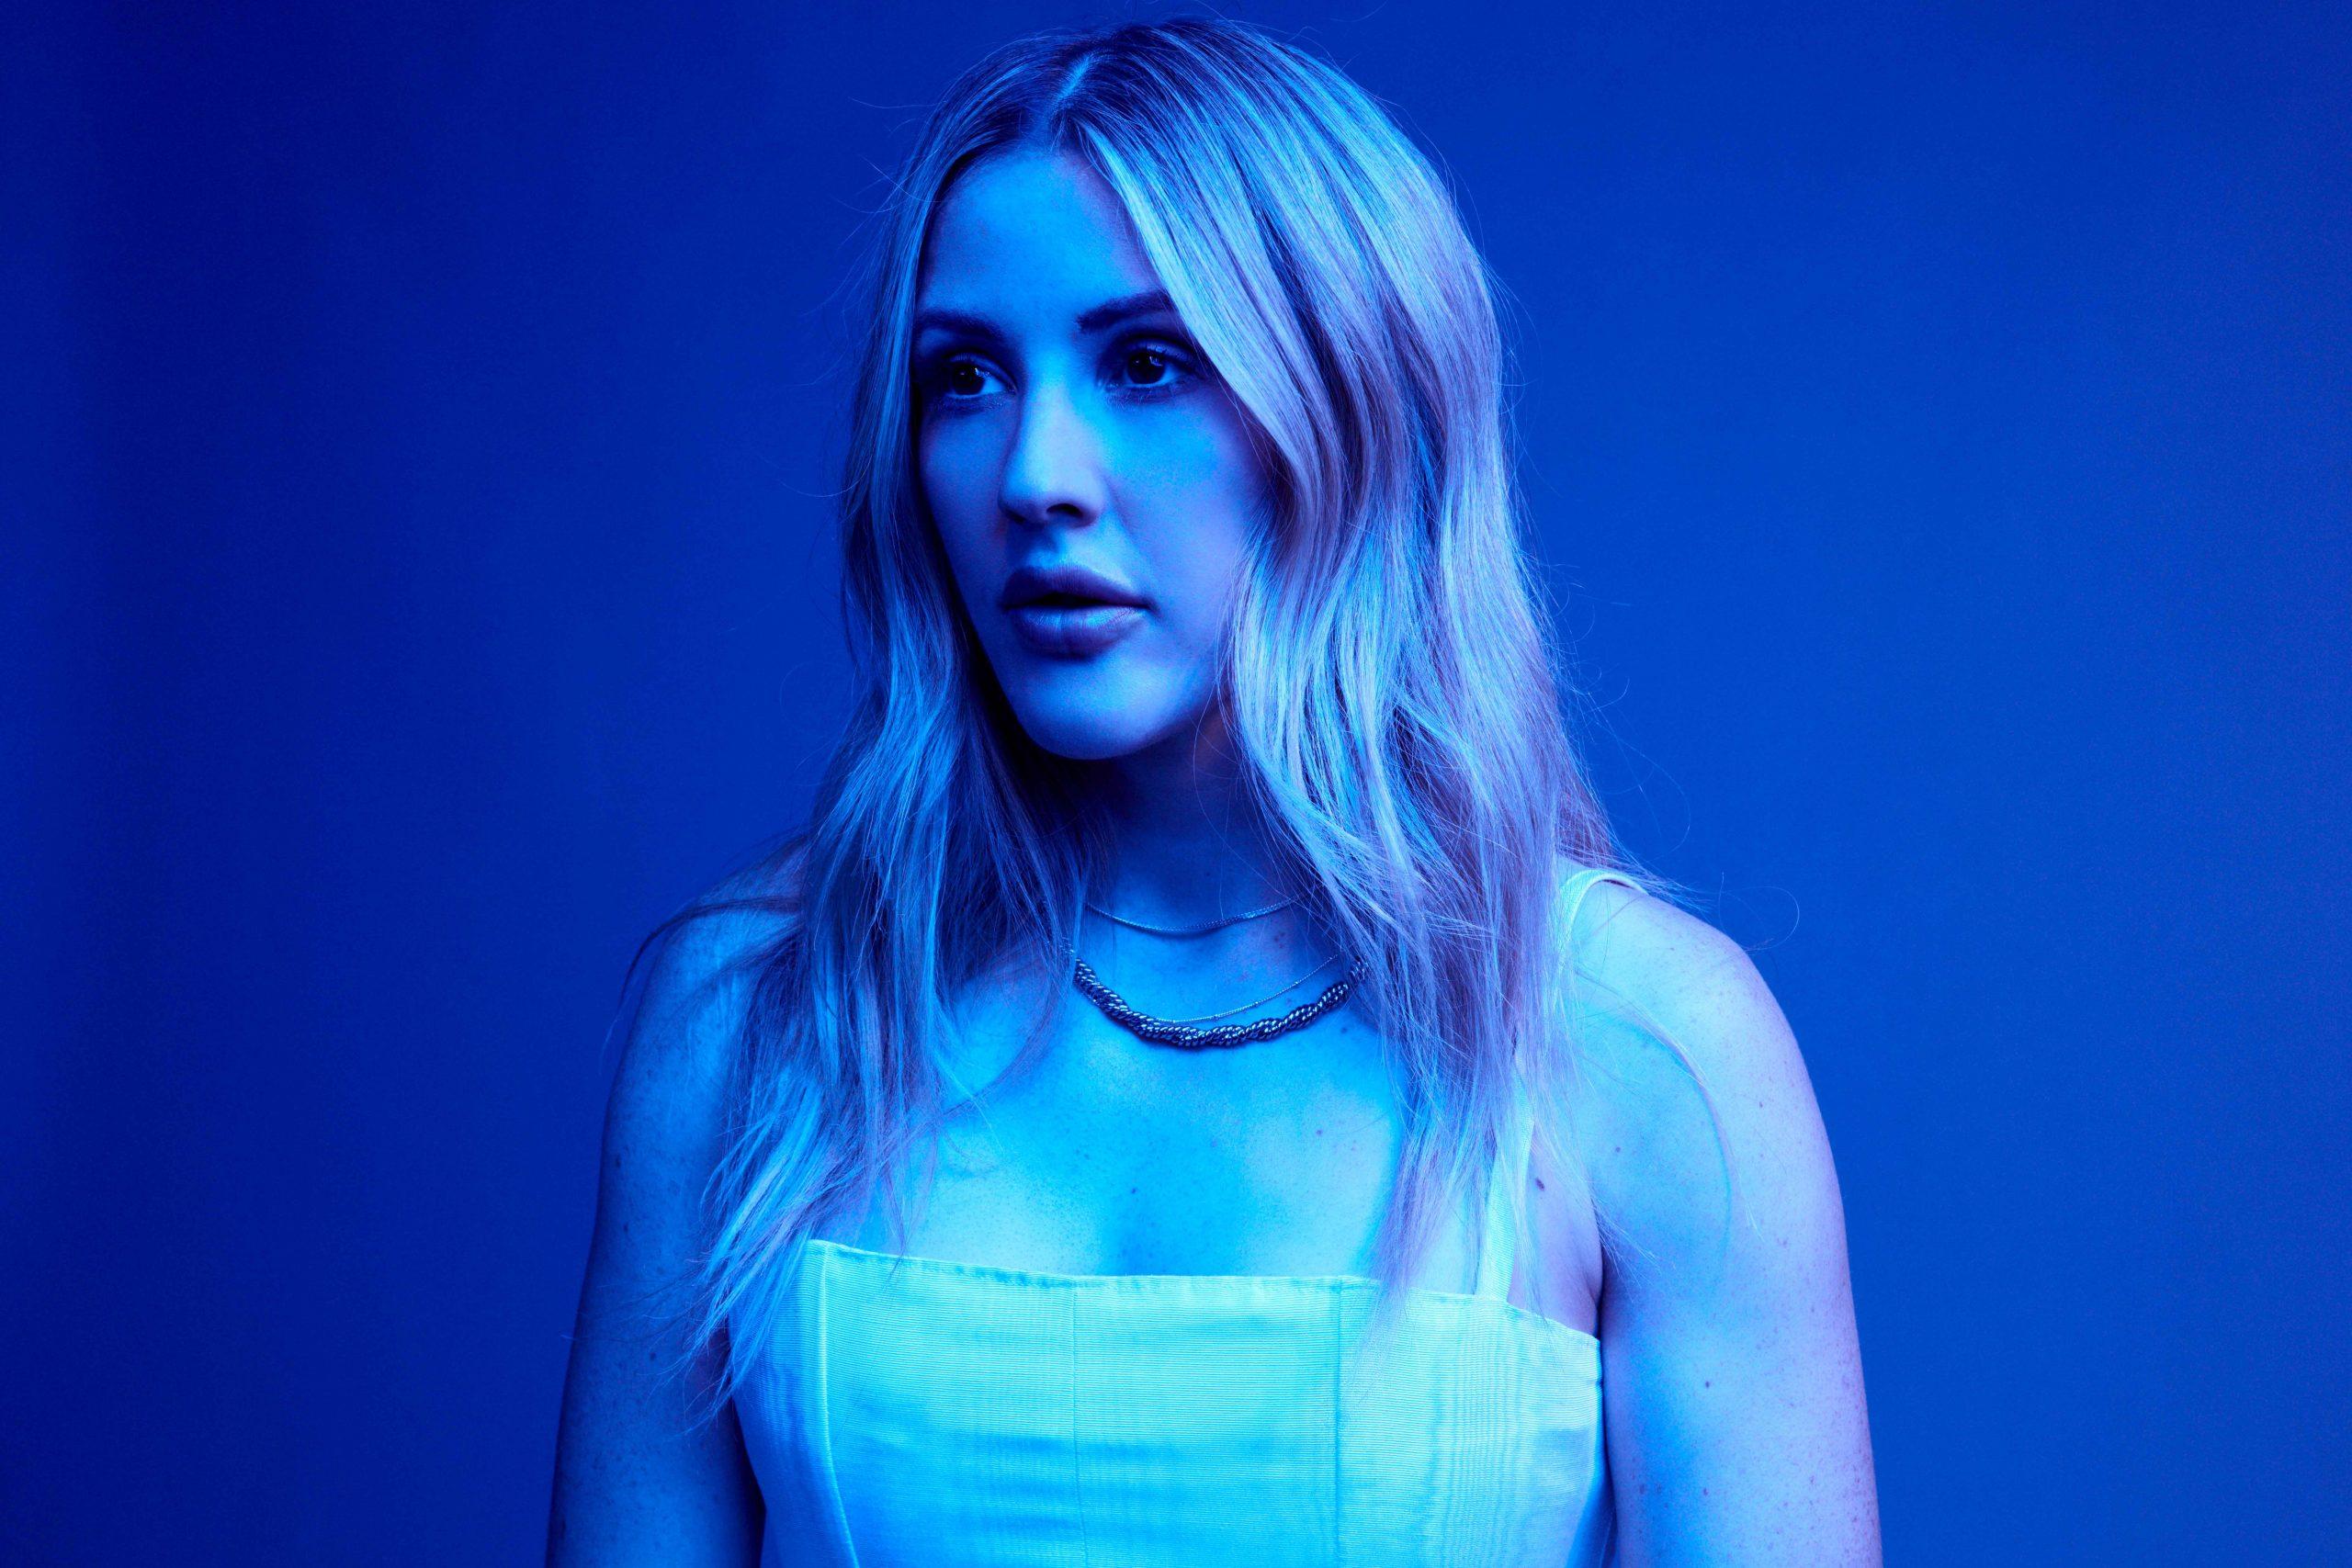 REVIEW: Ellie Goulding está cintilando em azul; ouça Brightest Blue